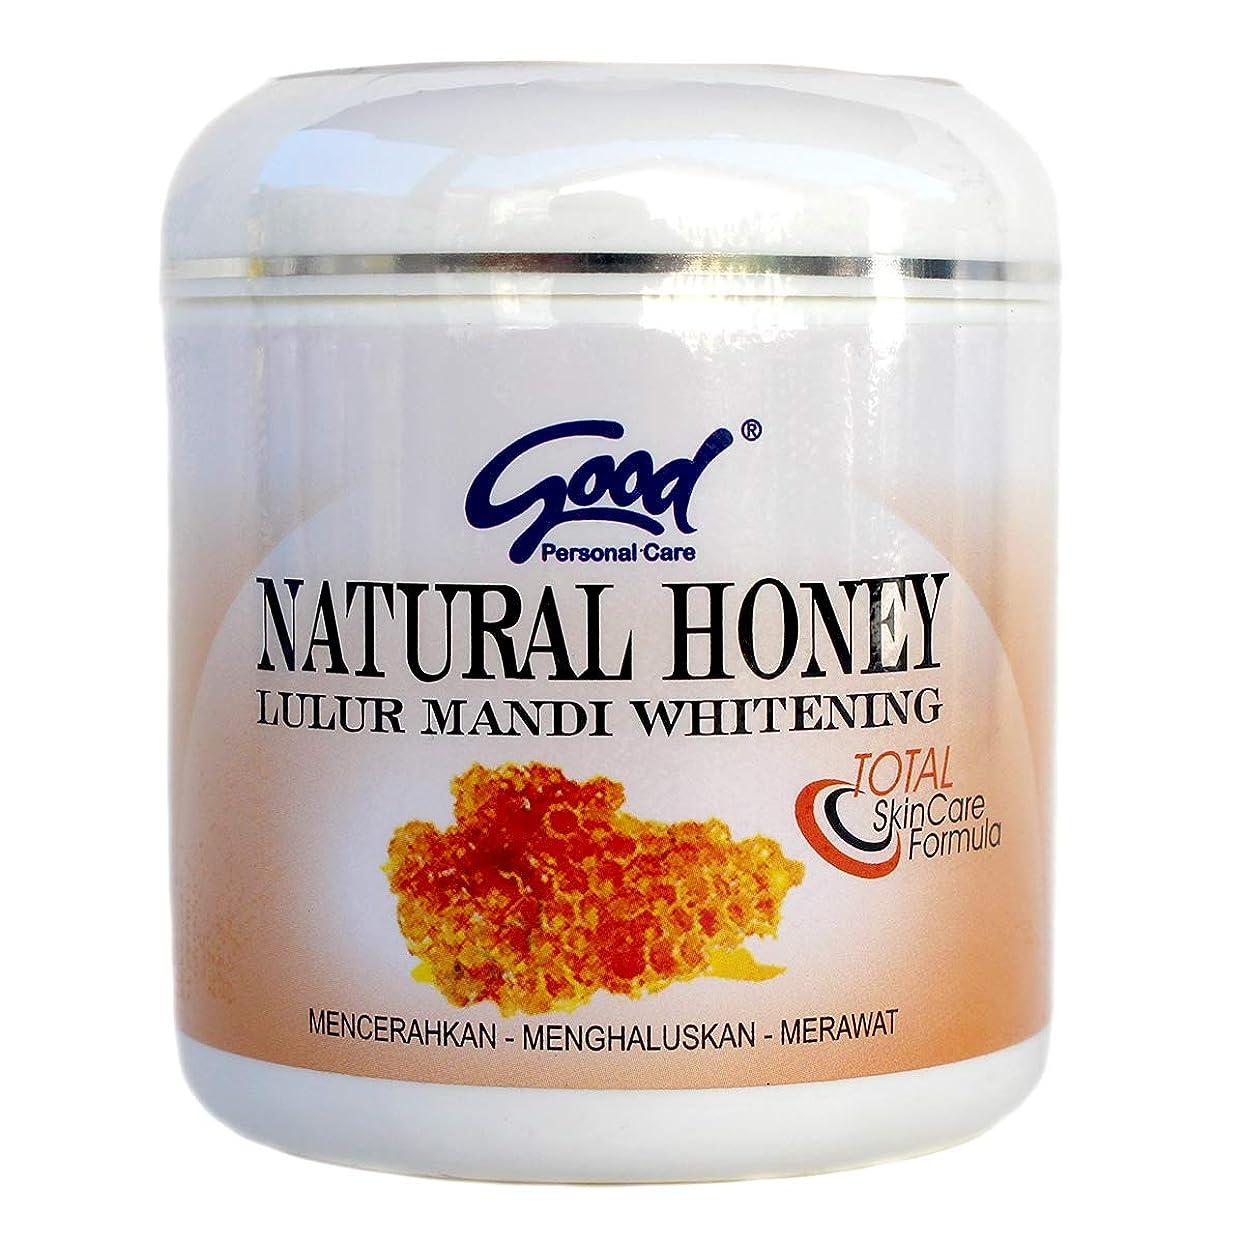 毒性エンドウ信者good グッド インドネシアバリ島の伝統的なボディスクラブ Lulur Mandi マンディルルール 200g Natural Honey ナチュラルハニー [海外直送品]